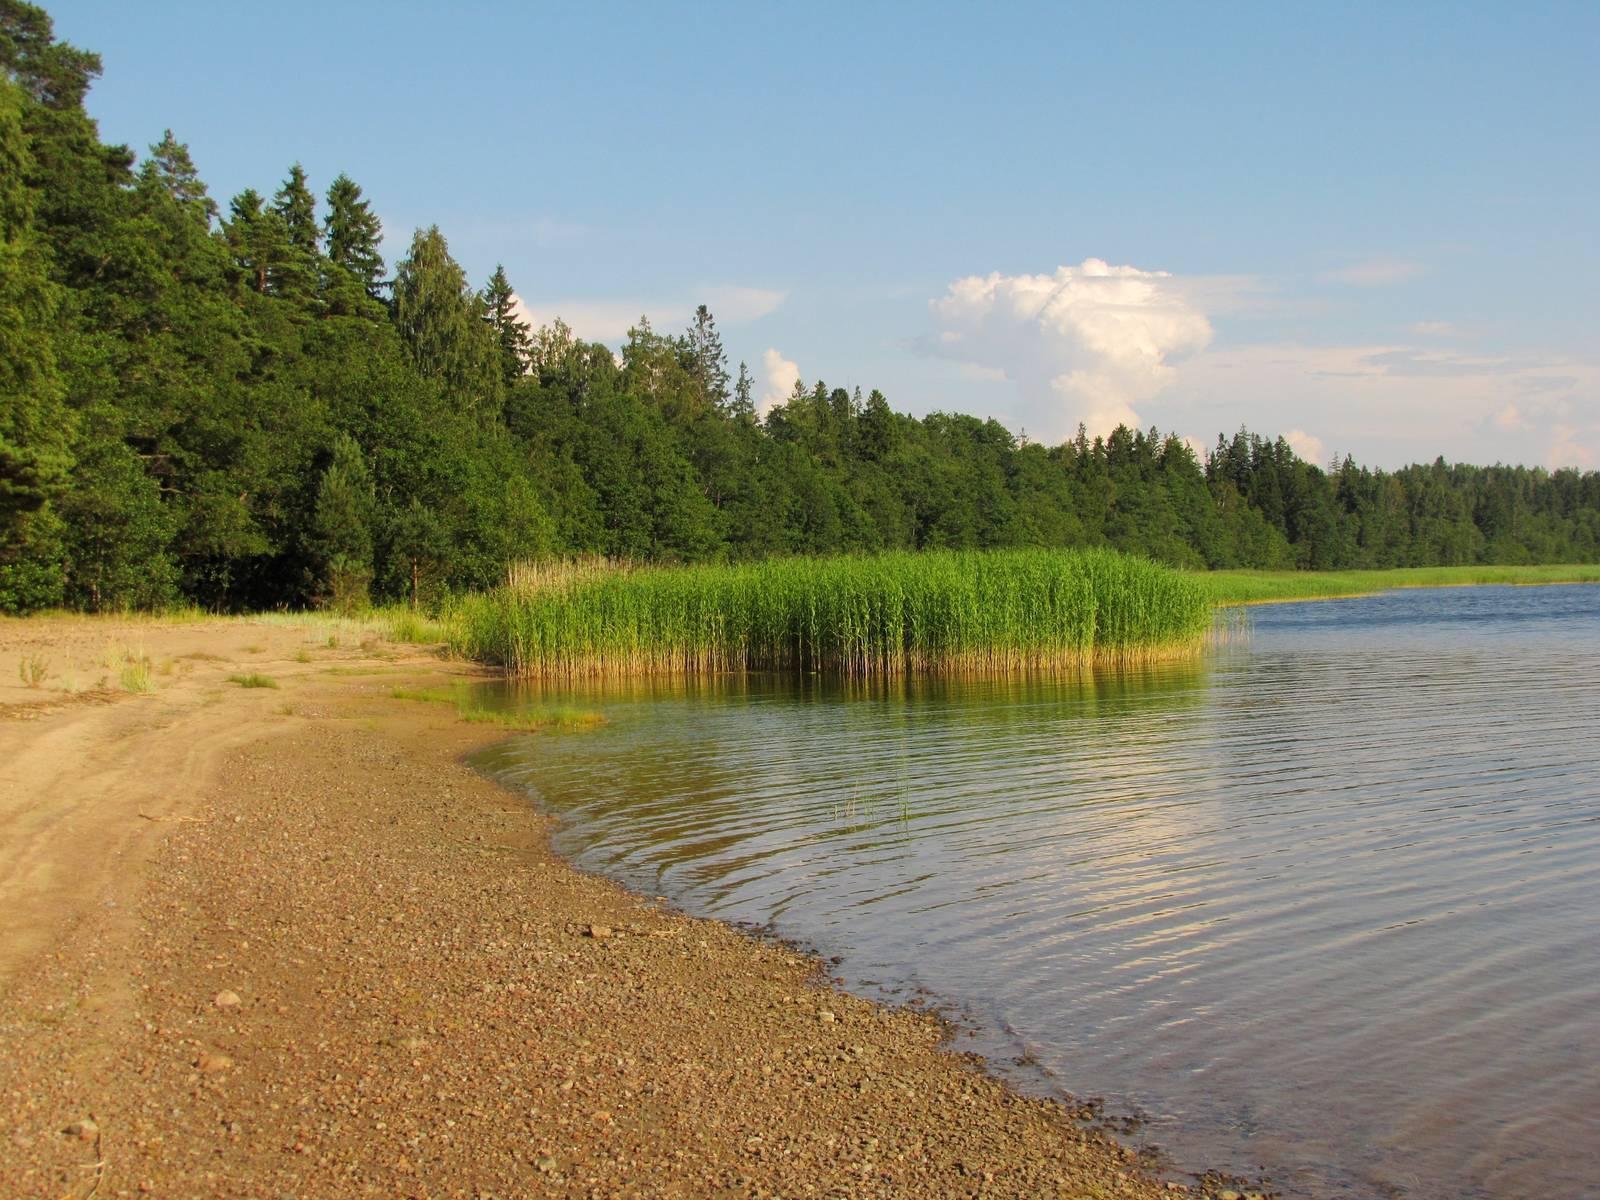 Почему так много озер в тундре, зональные особенности. чем объясняется такой факт